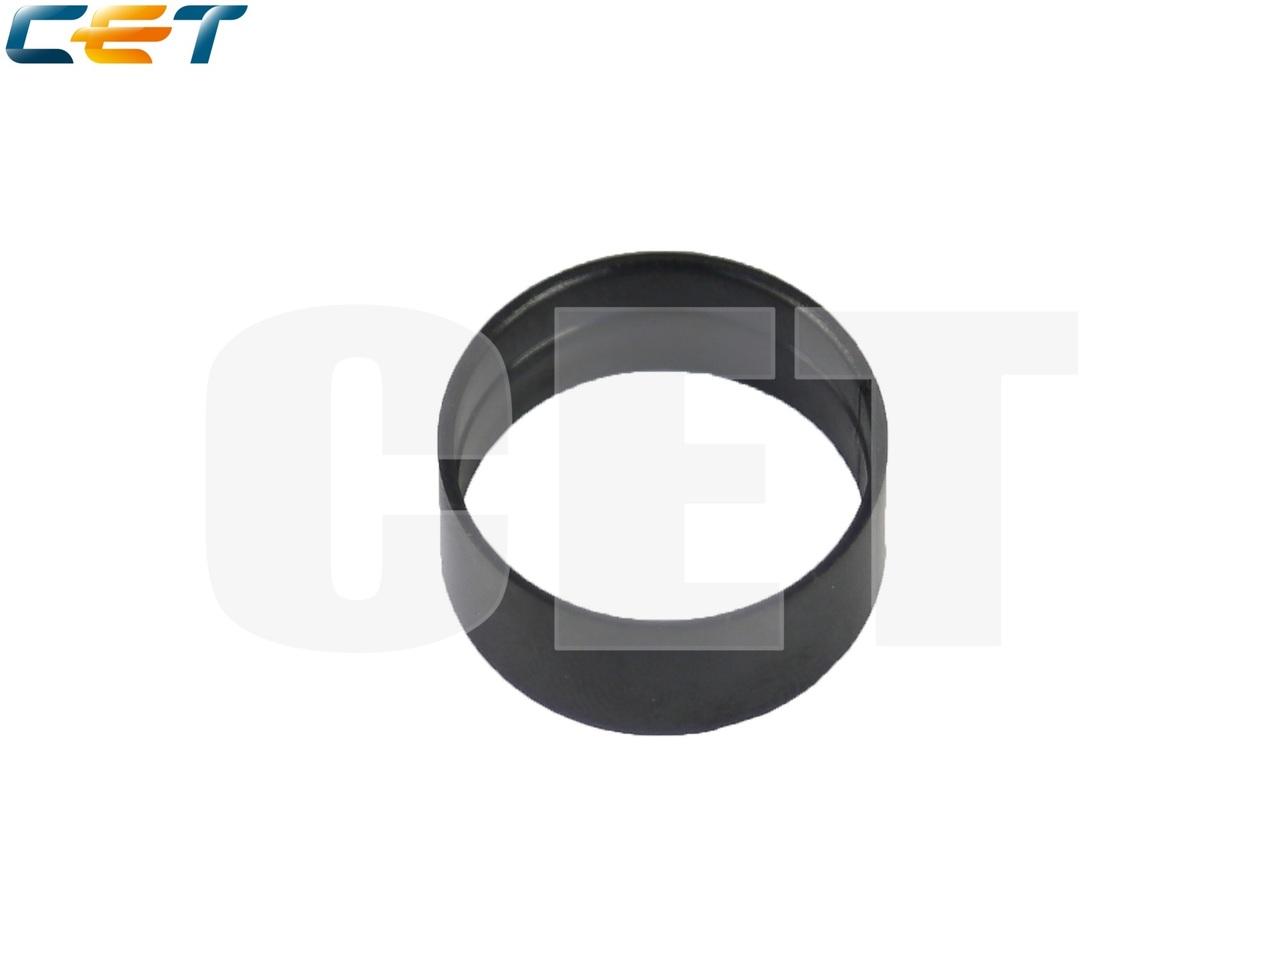 Бушинг тефлонового вала для XEROX WorkCentre3615DN/3655S/3655X (CET), 2 шт/компл, CET3208